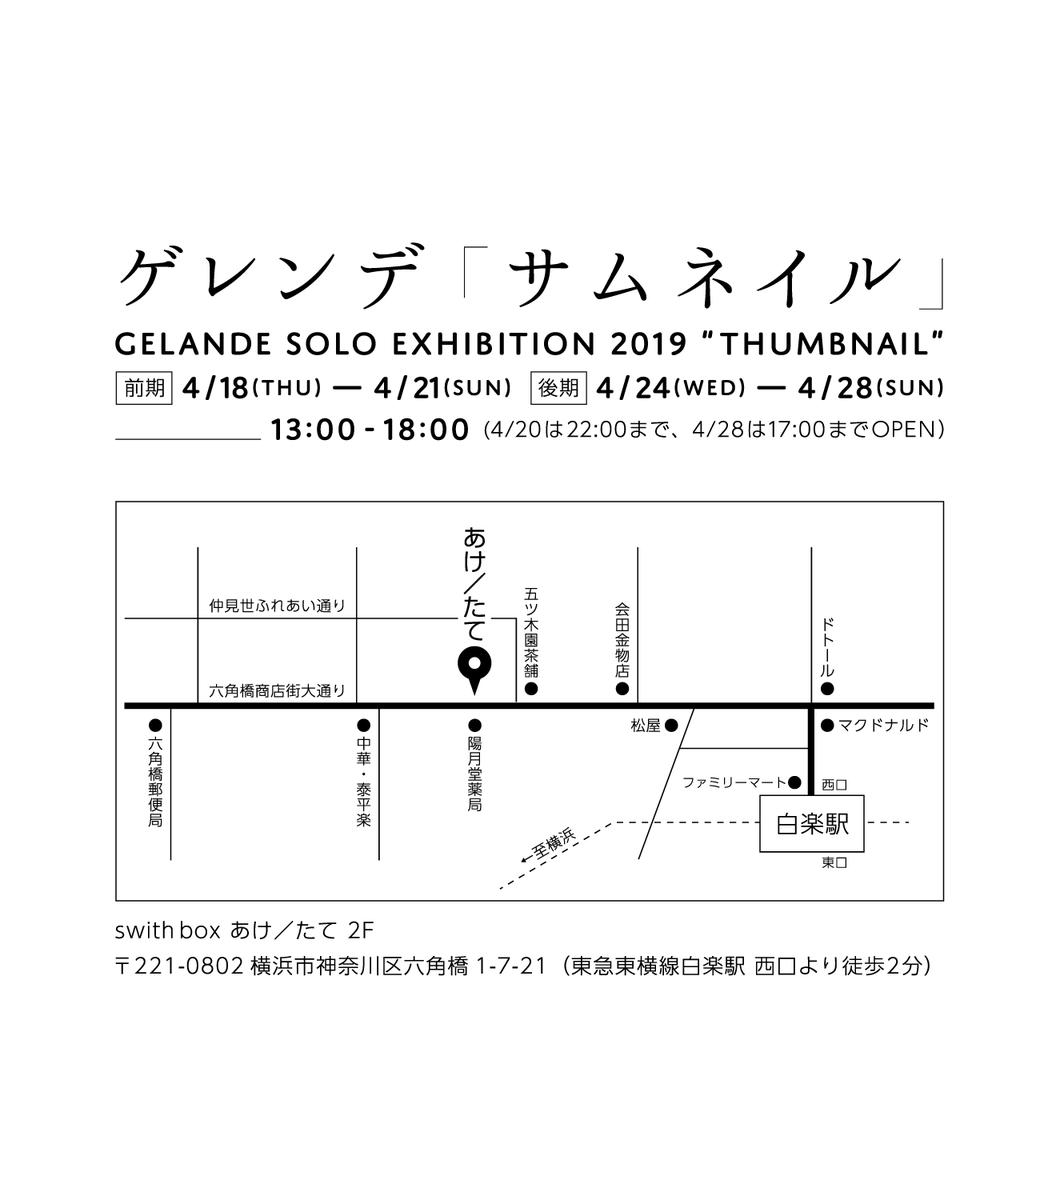 ゲレンデ On Twitter Gelande Solo Exhibition 2019 Thumbnail